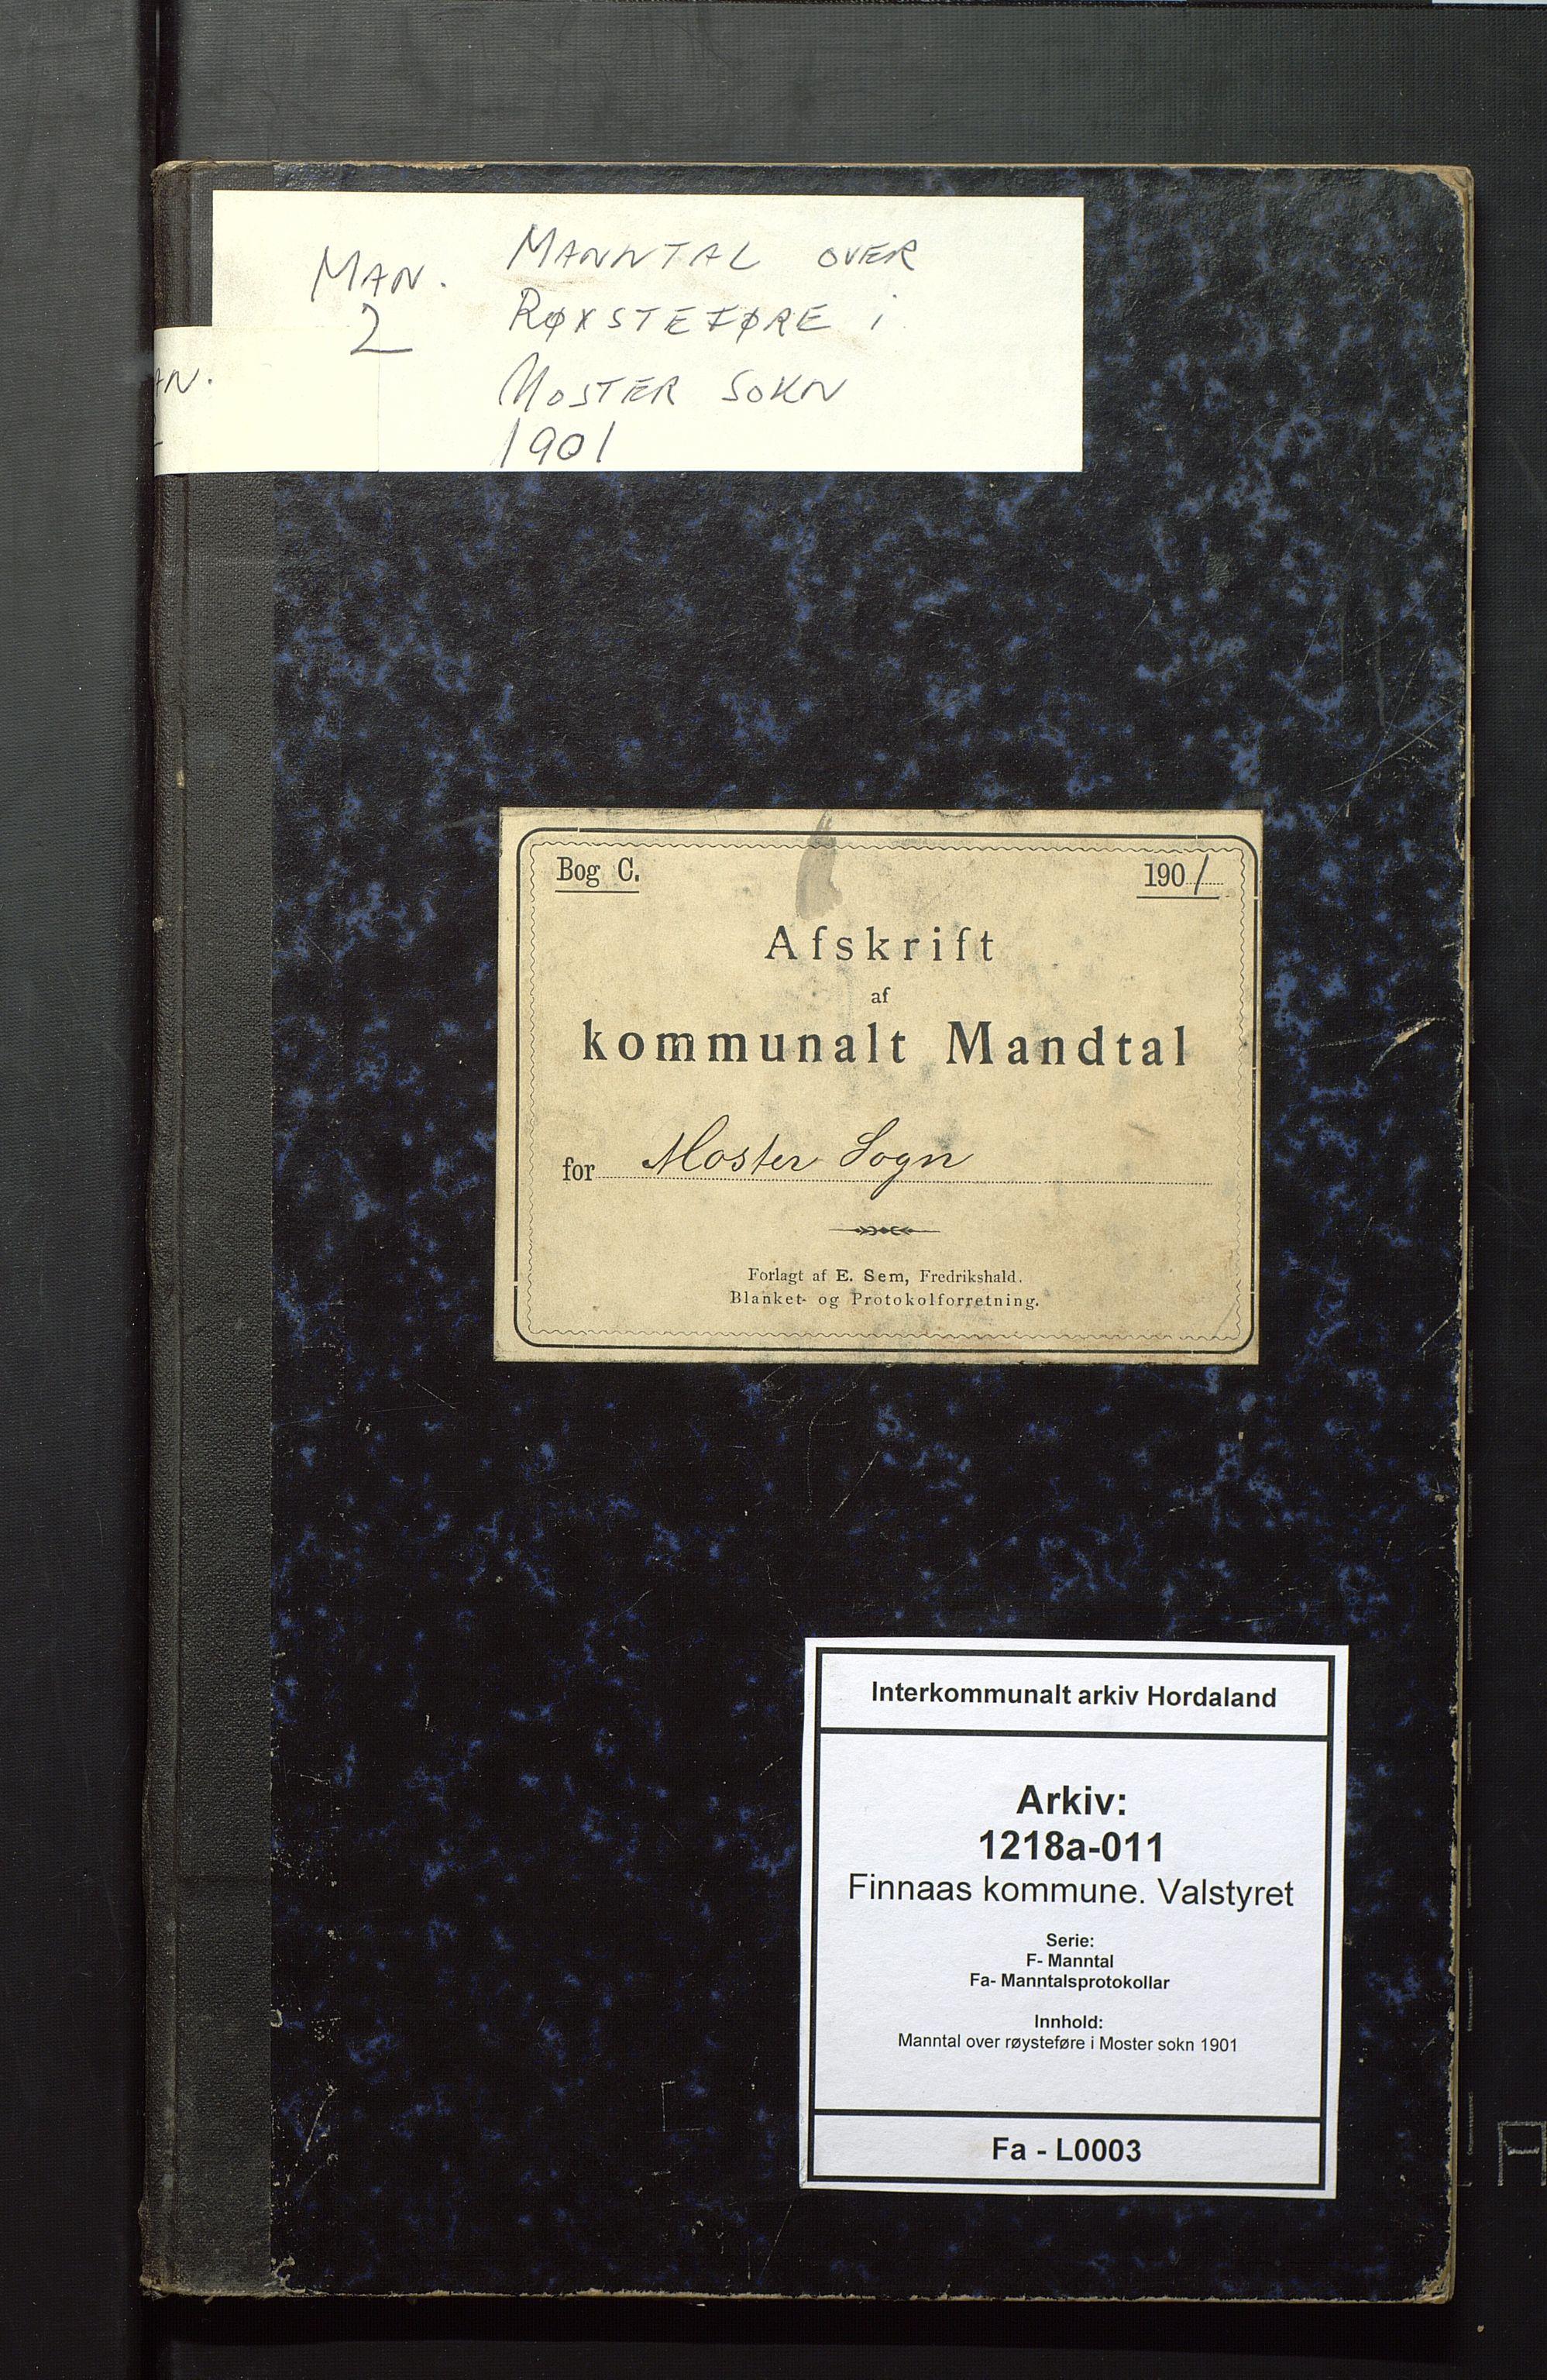 IKAH, Finnaas kommune. Valstyret, F/Fa/L0003: Manntal over røysteføre i Moster sokn, 1901